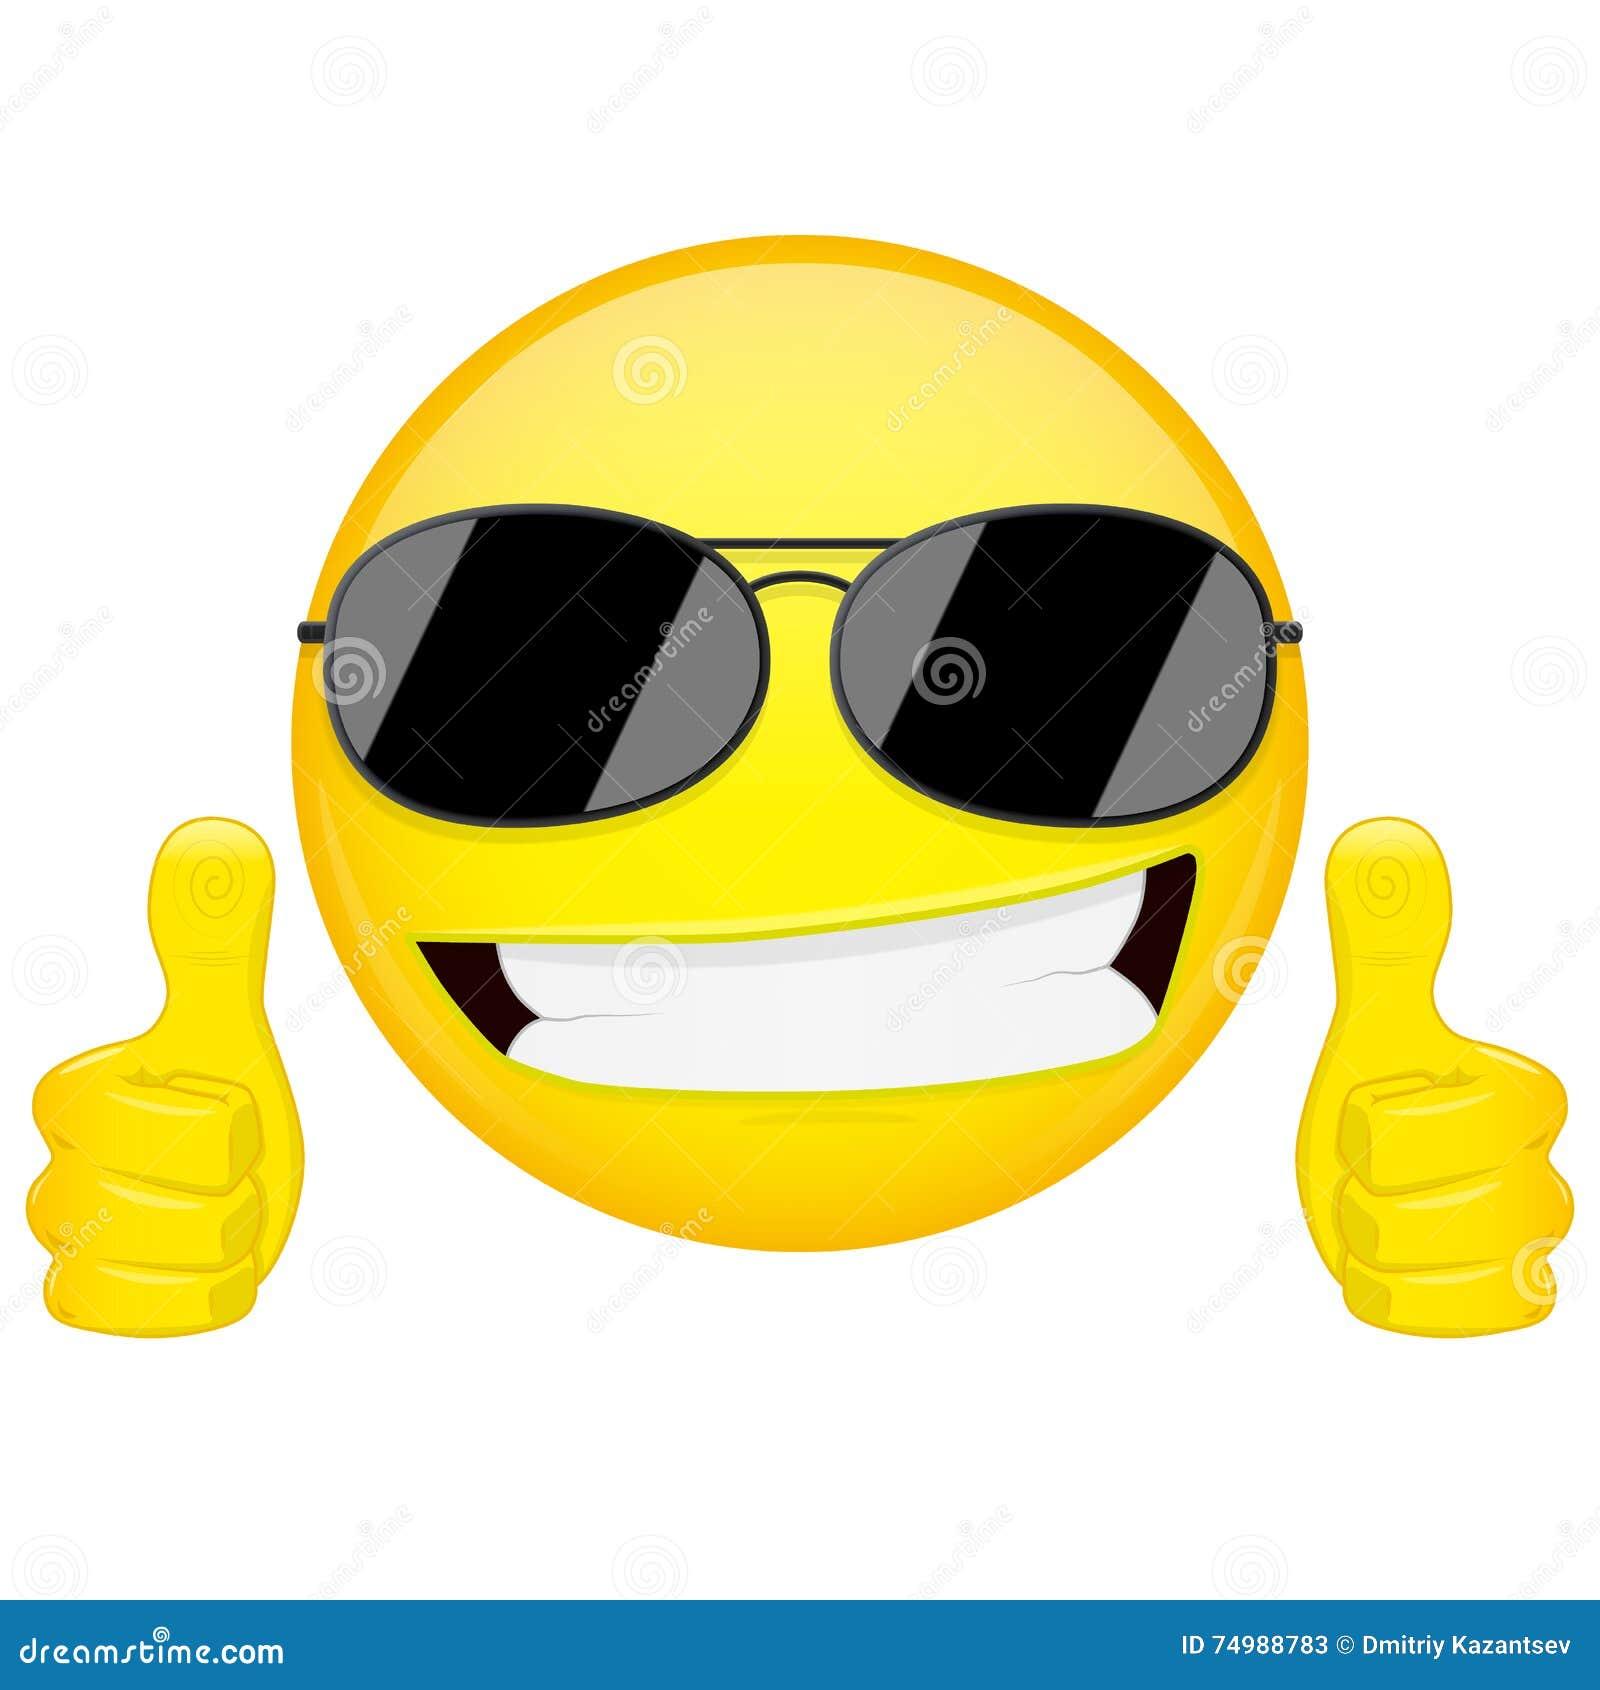 buongiorno a tutti voi amici - Pagina 5 Buon-emoji-di-idea-i-pollici-aumentano-l-emozione-tipo-fresco-con-l-emoticon-degli-occhiali-da-sole-icona-di-sorriso-dell-74988783